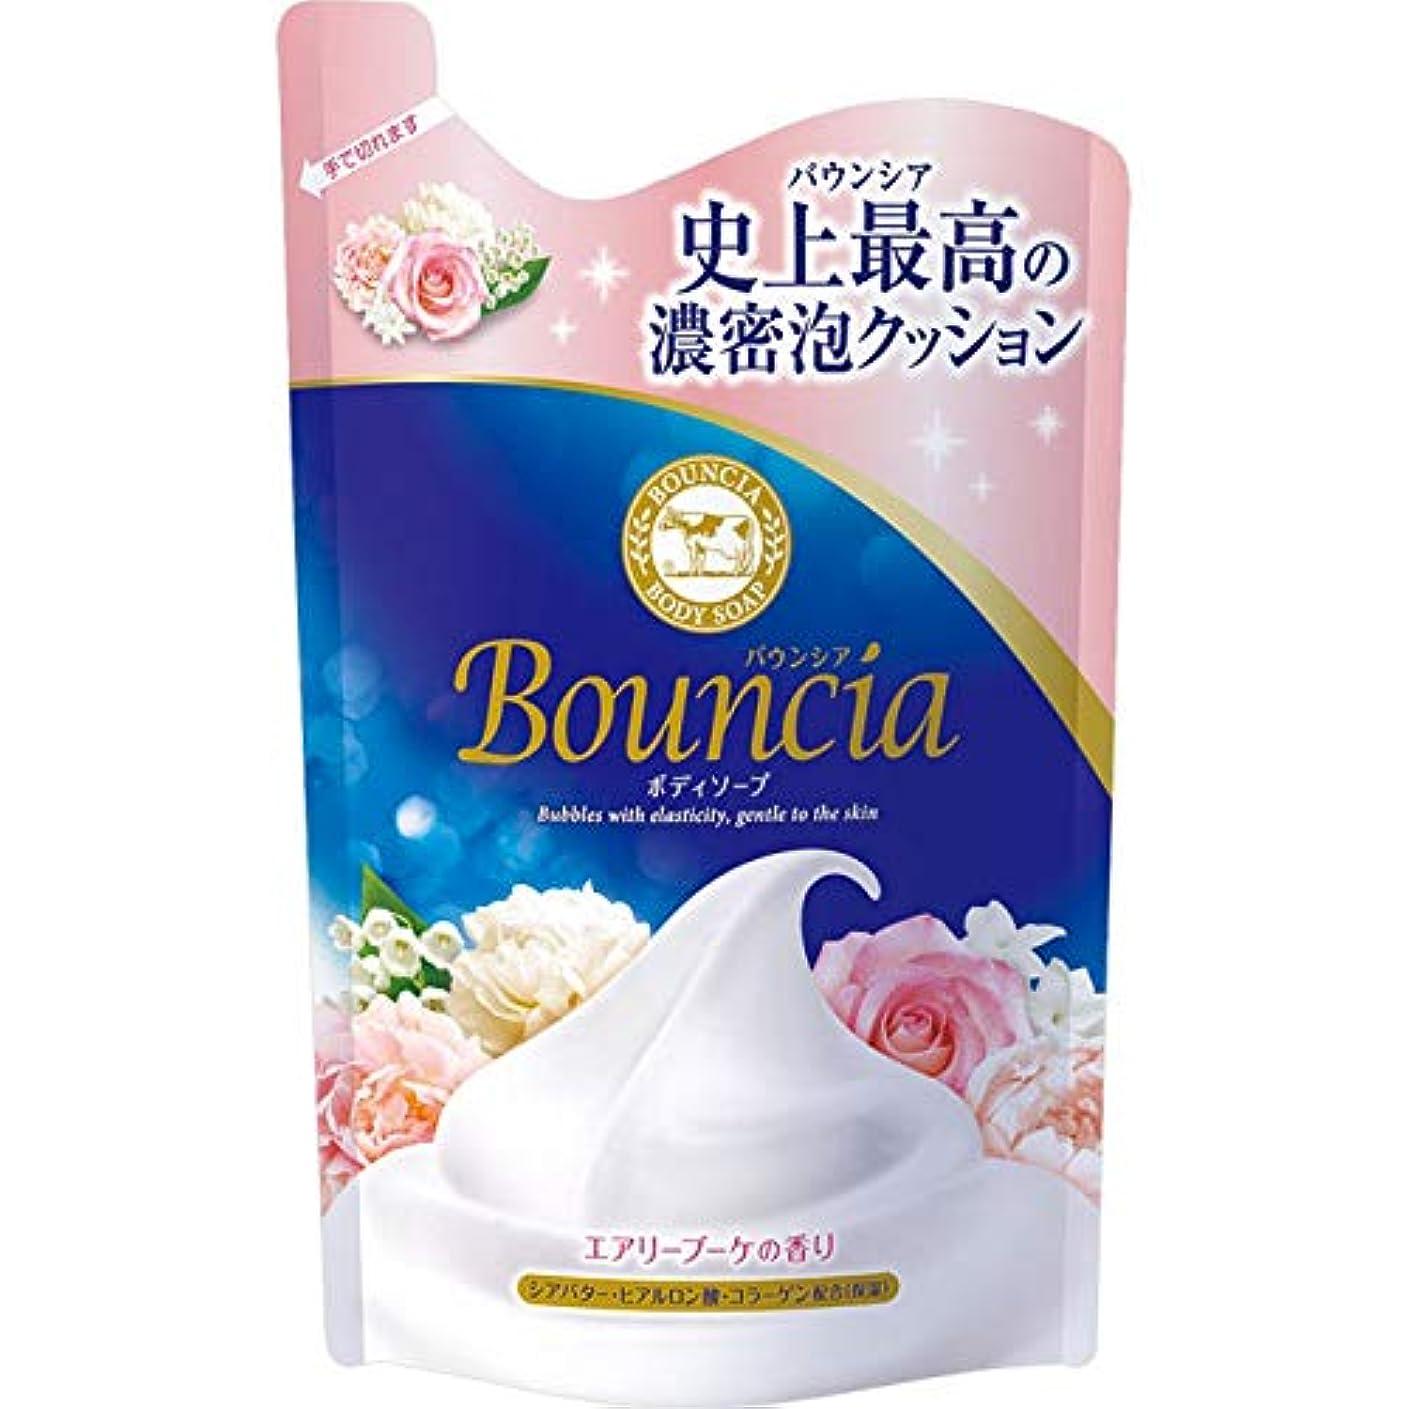 ヘクタールアニメーション不満バウンシアボディソープ エアリーブーケの香り 詰替用?400mL × 7個セット